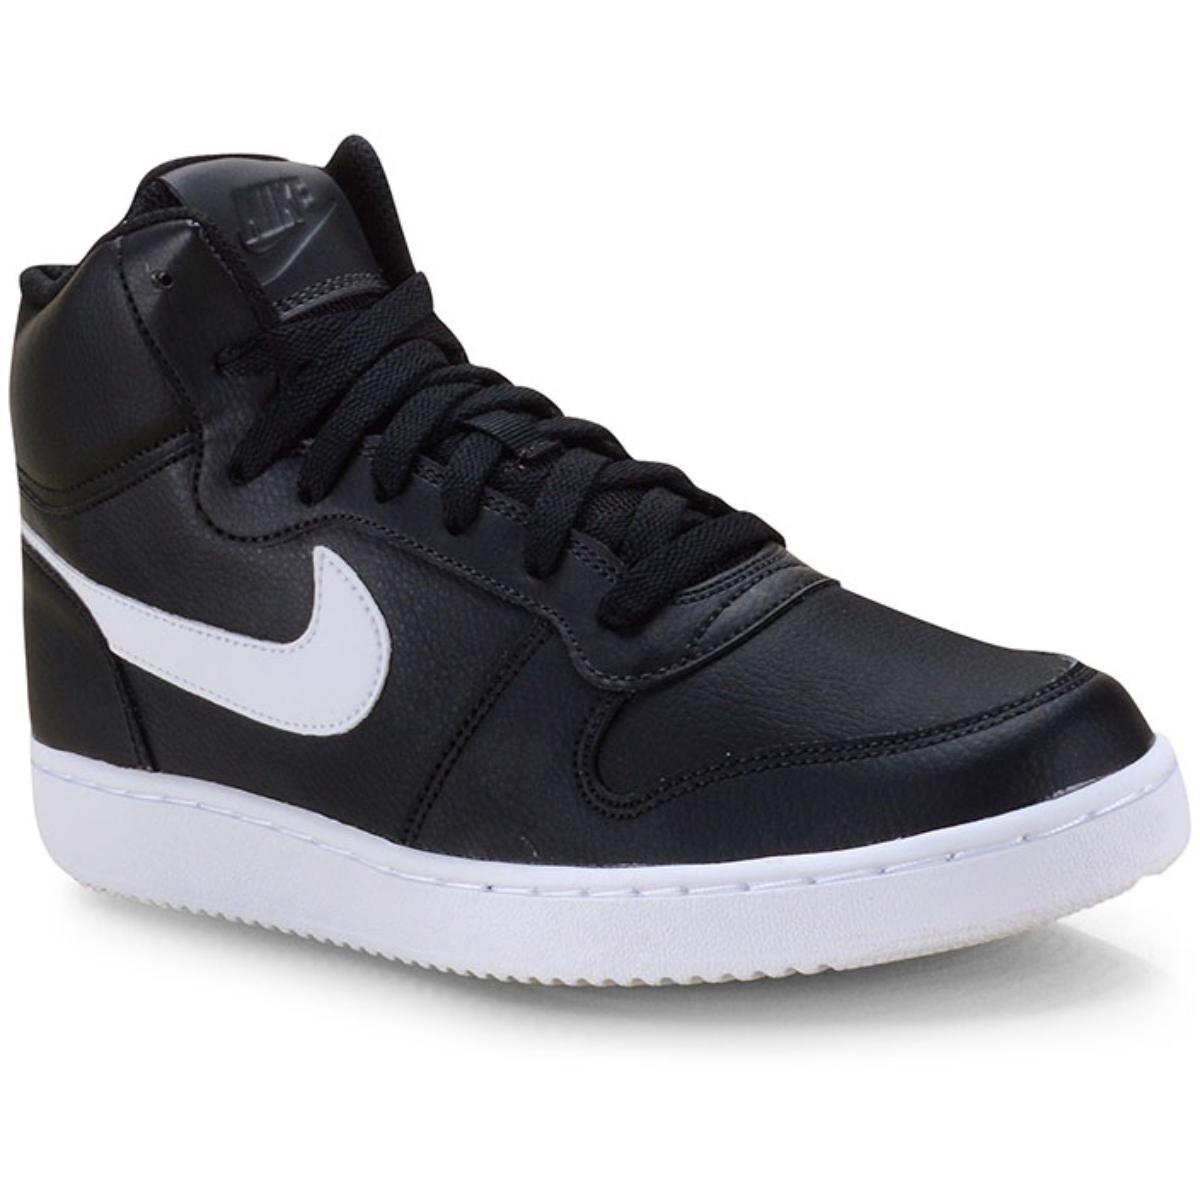 Tênis Unisex Nike Aq1773-002 Ebernon Mid Preto/branco